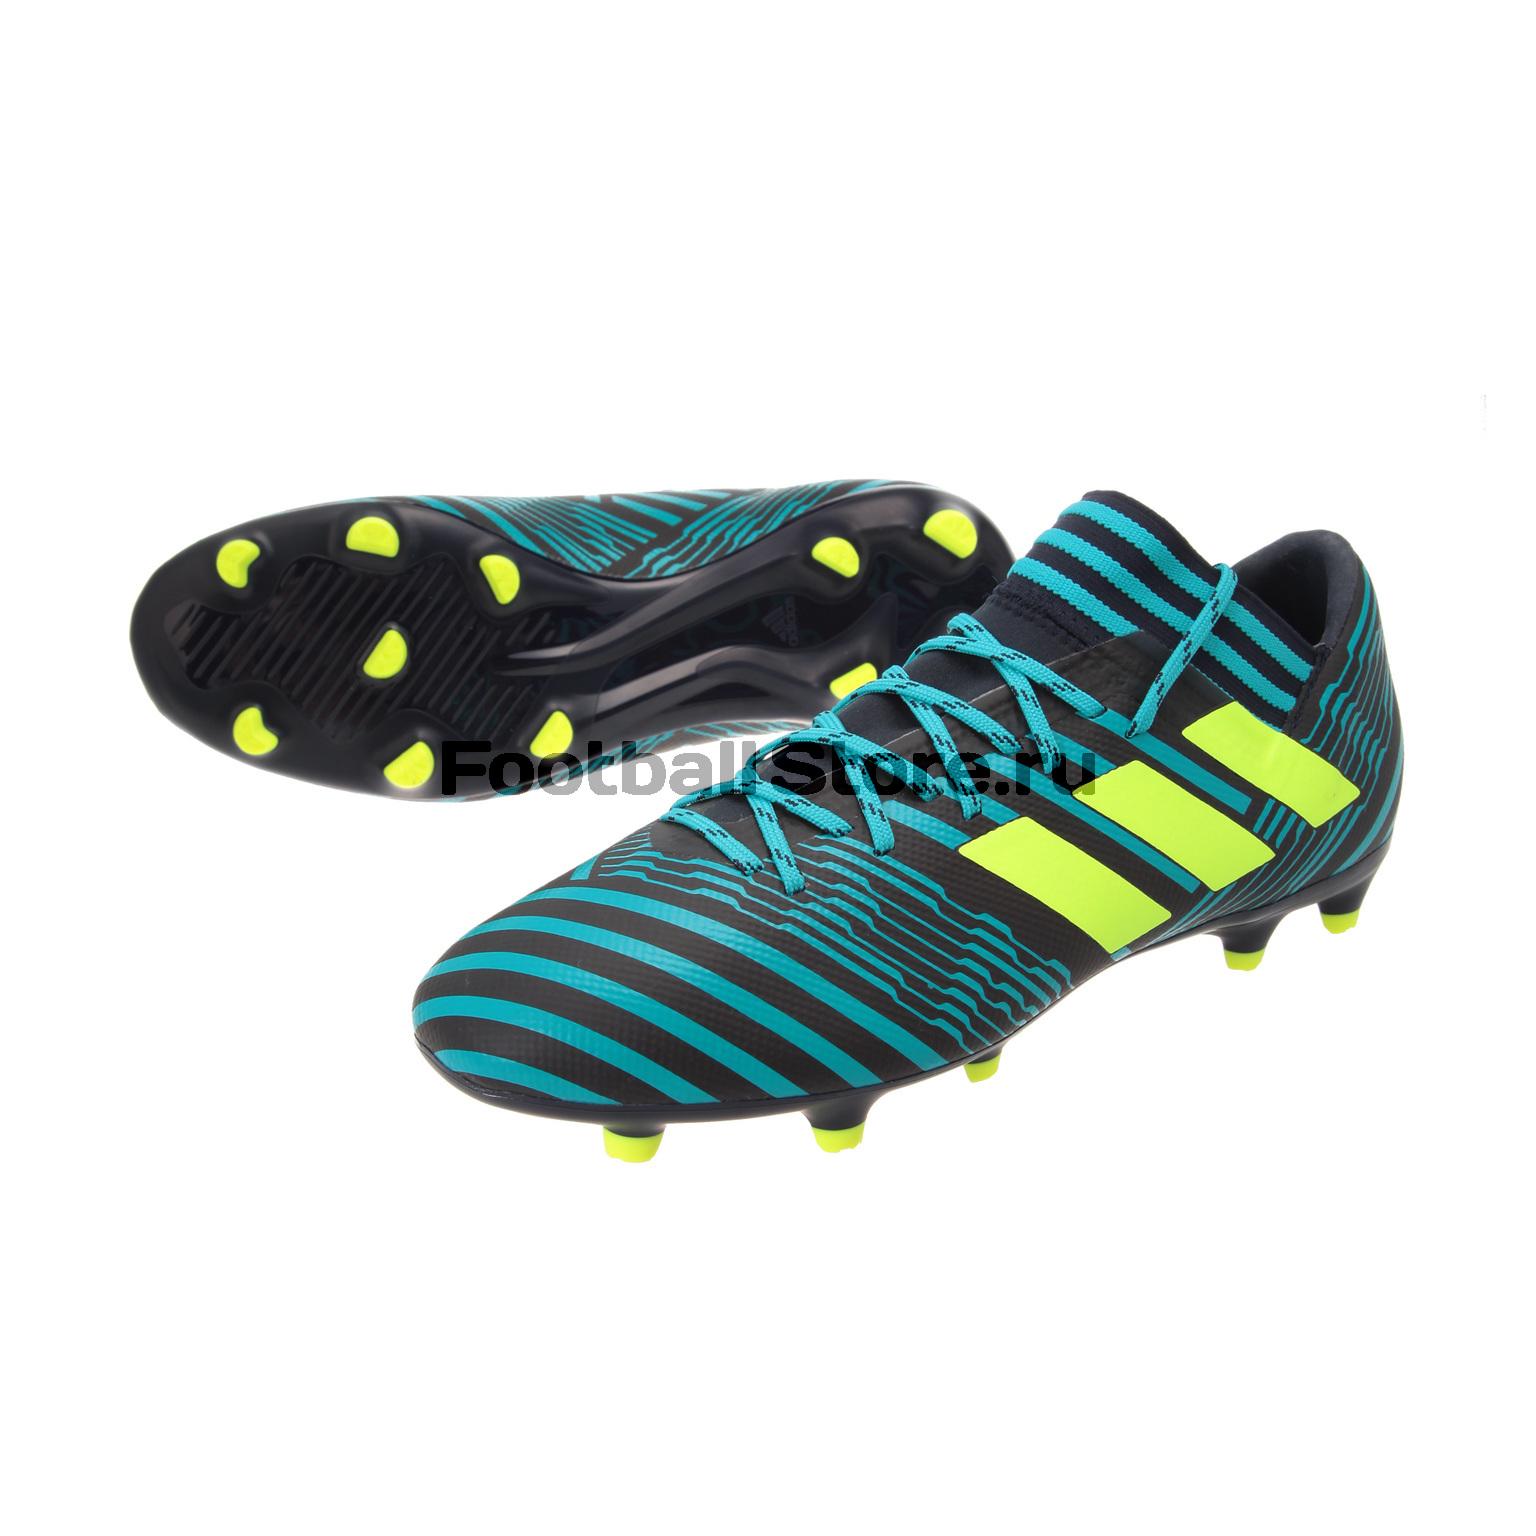 Игровые бутсы Adidas Бутсы Adidas Nemeziz 17.3 FG S80601 idlamp светильник потолочный 818 8pf whitechrome